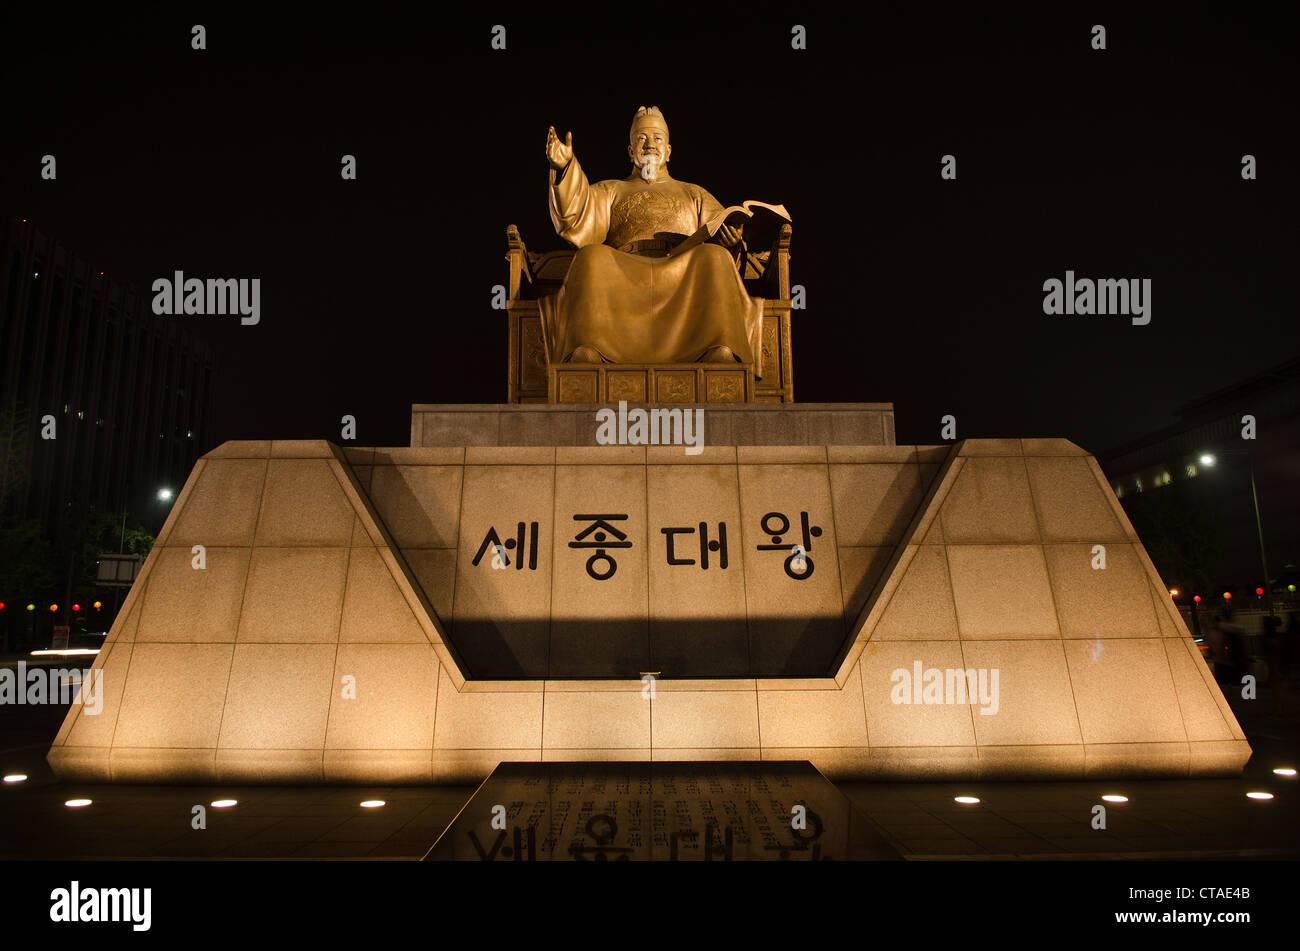 koreanischer König Sejong Statue in Seoul Südkorea Stockbild